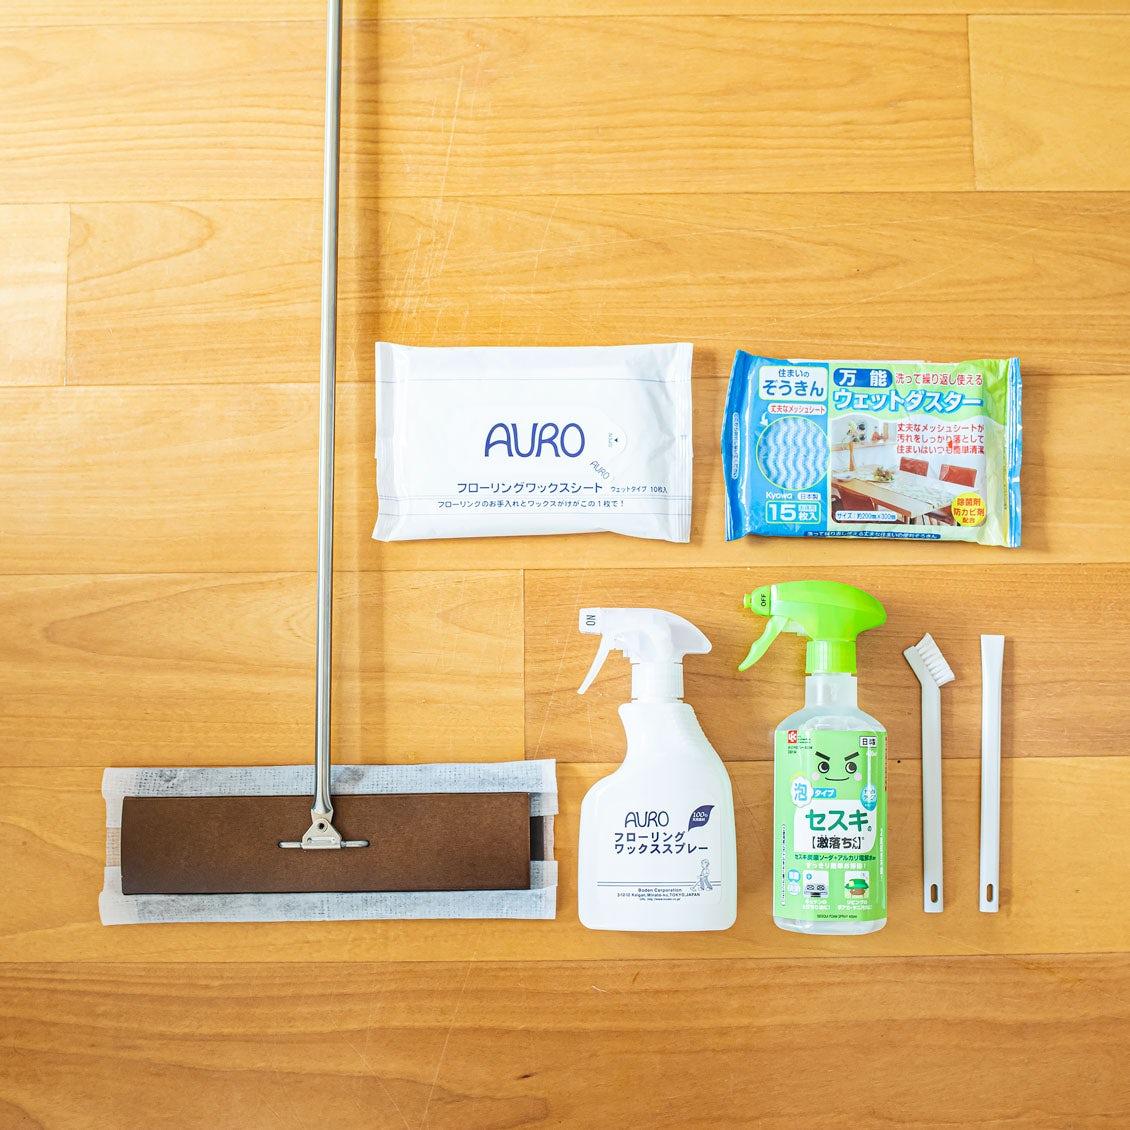 【フローリング掃除のツボ】保存版!気になる汚れの落とし方や、賃貸でもできるワックスがけ